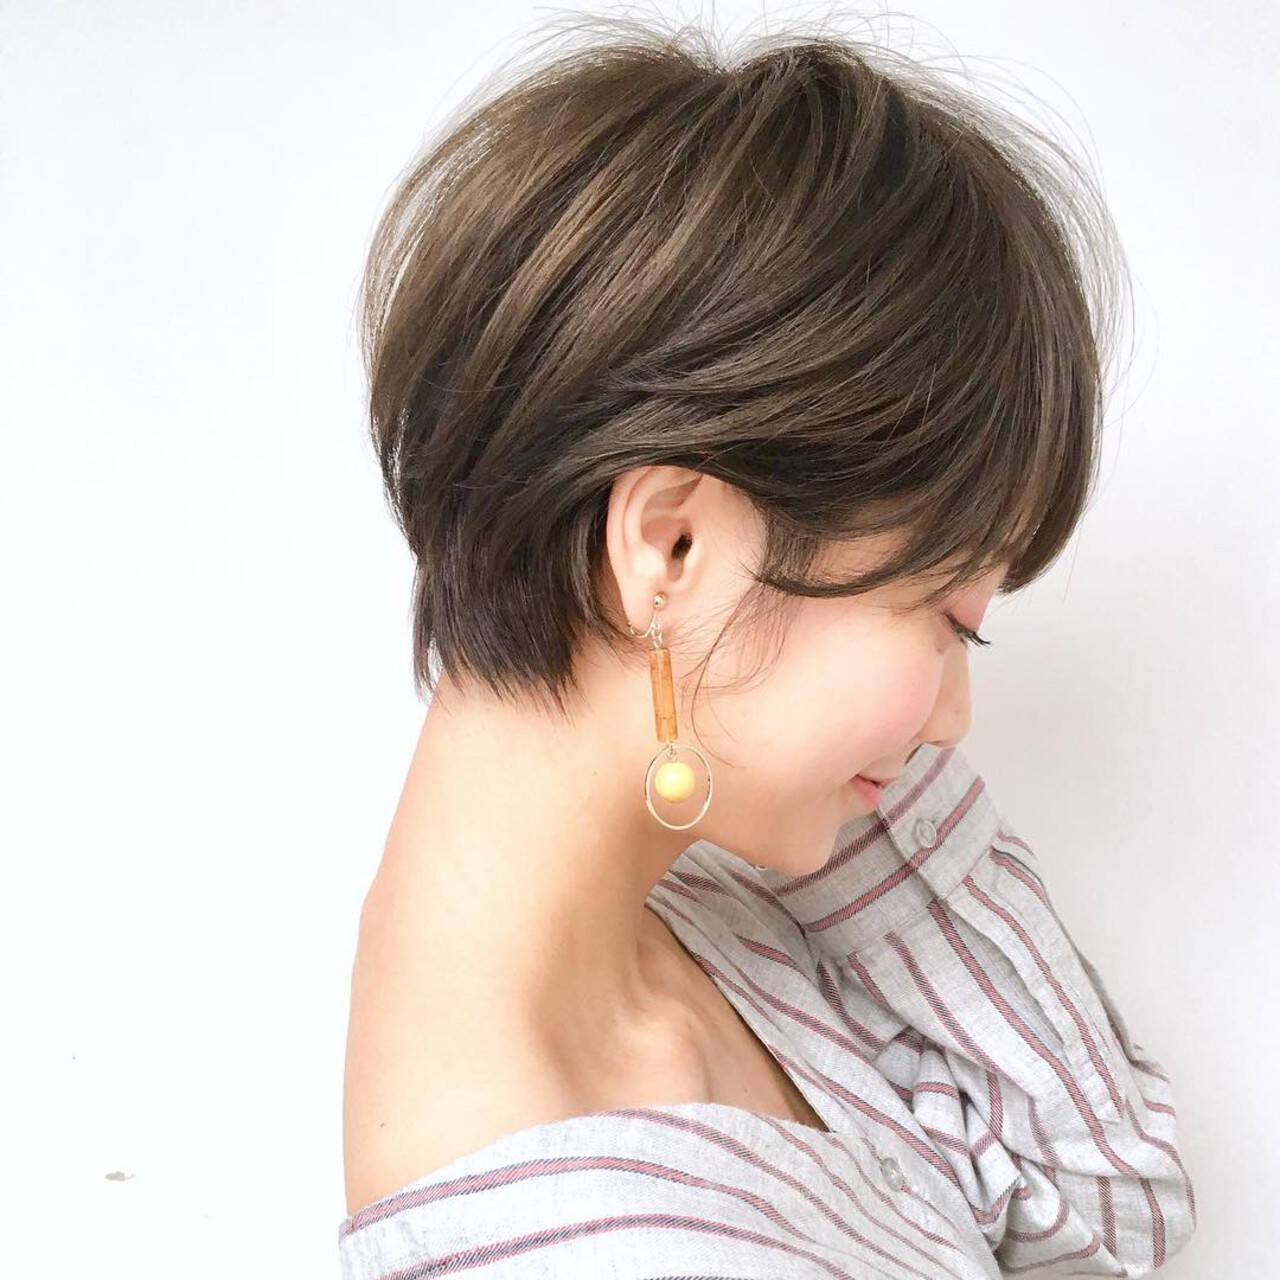 アンニュイほつれヘア スポーツ オフィス ショートヘアスタイルや髪型の写真・画像